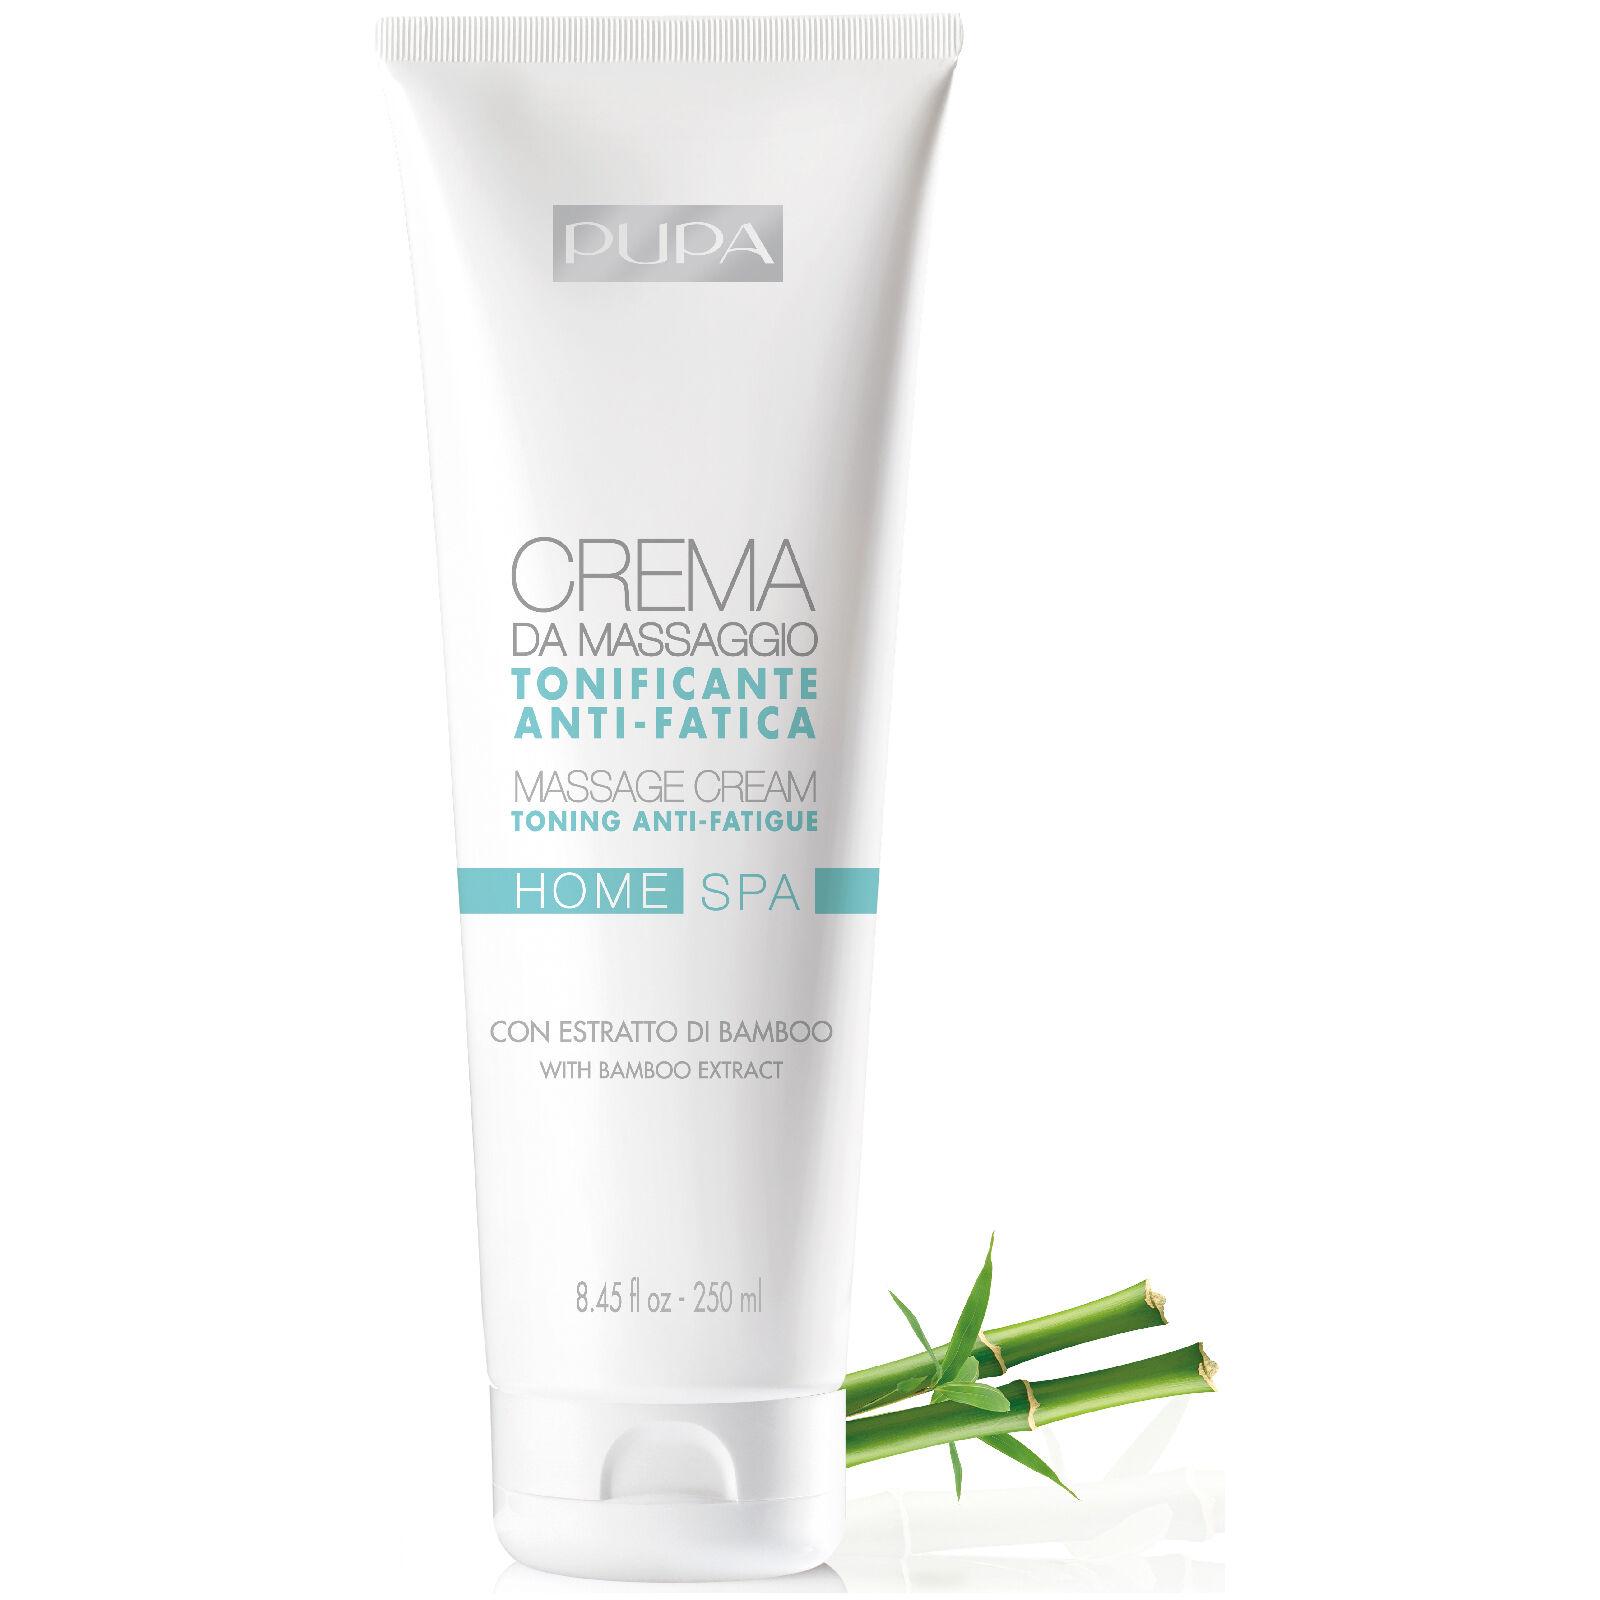 PUPA Home Spa Massage Cream - Anti-Fatigue 250ml